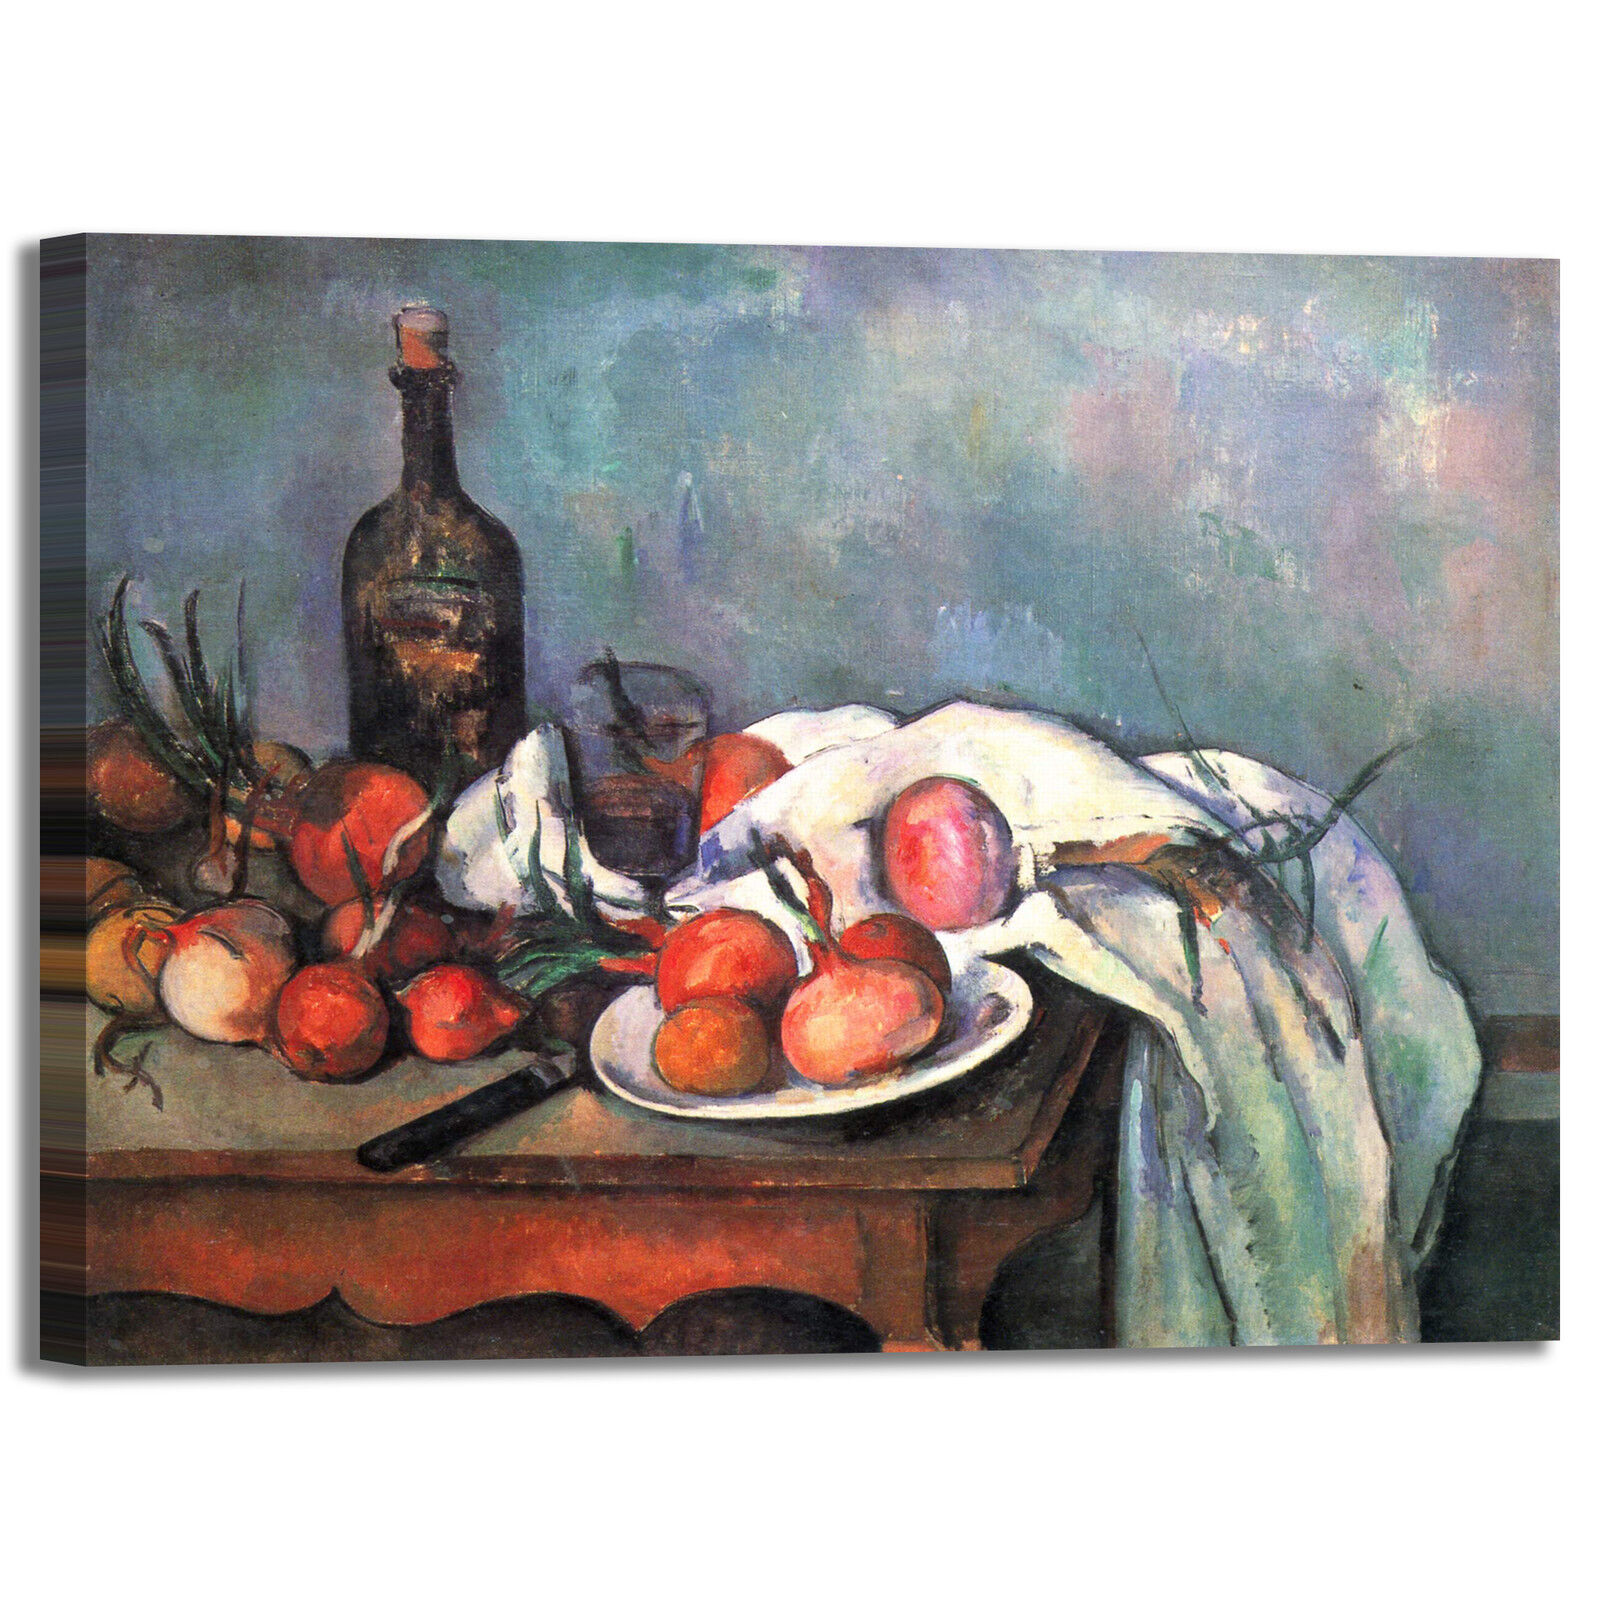 Cezanne natura morta 43 design quadro stampa tela dipinto con telaio arroto casa